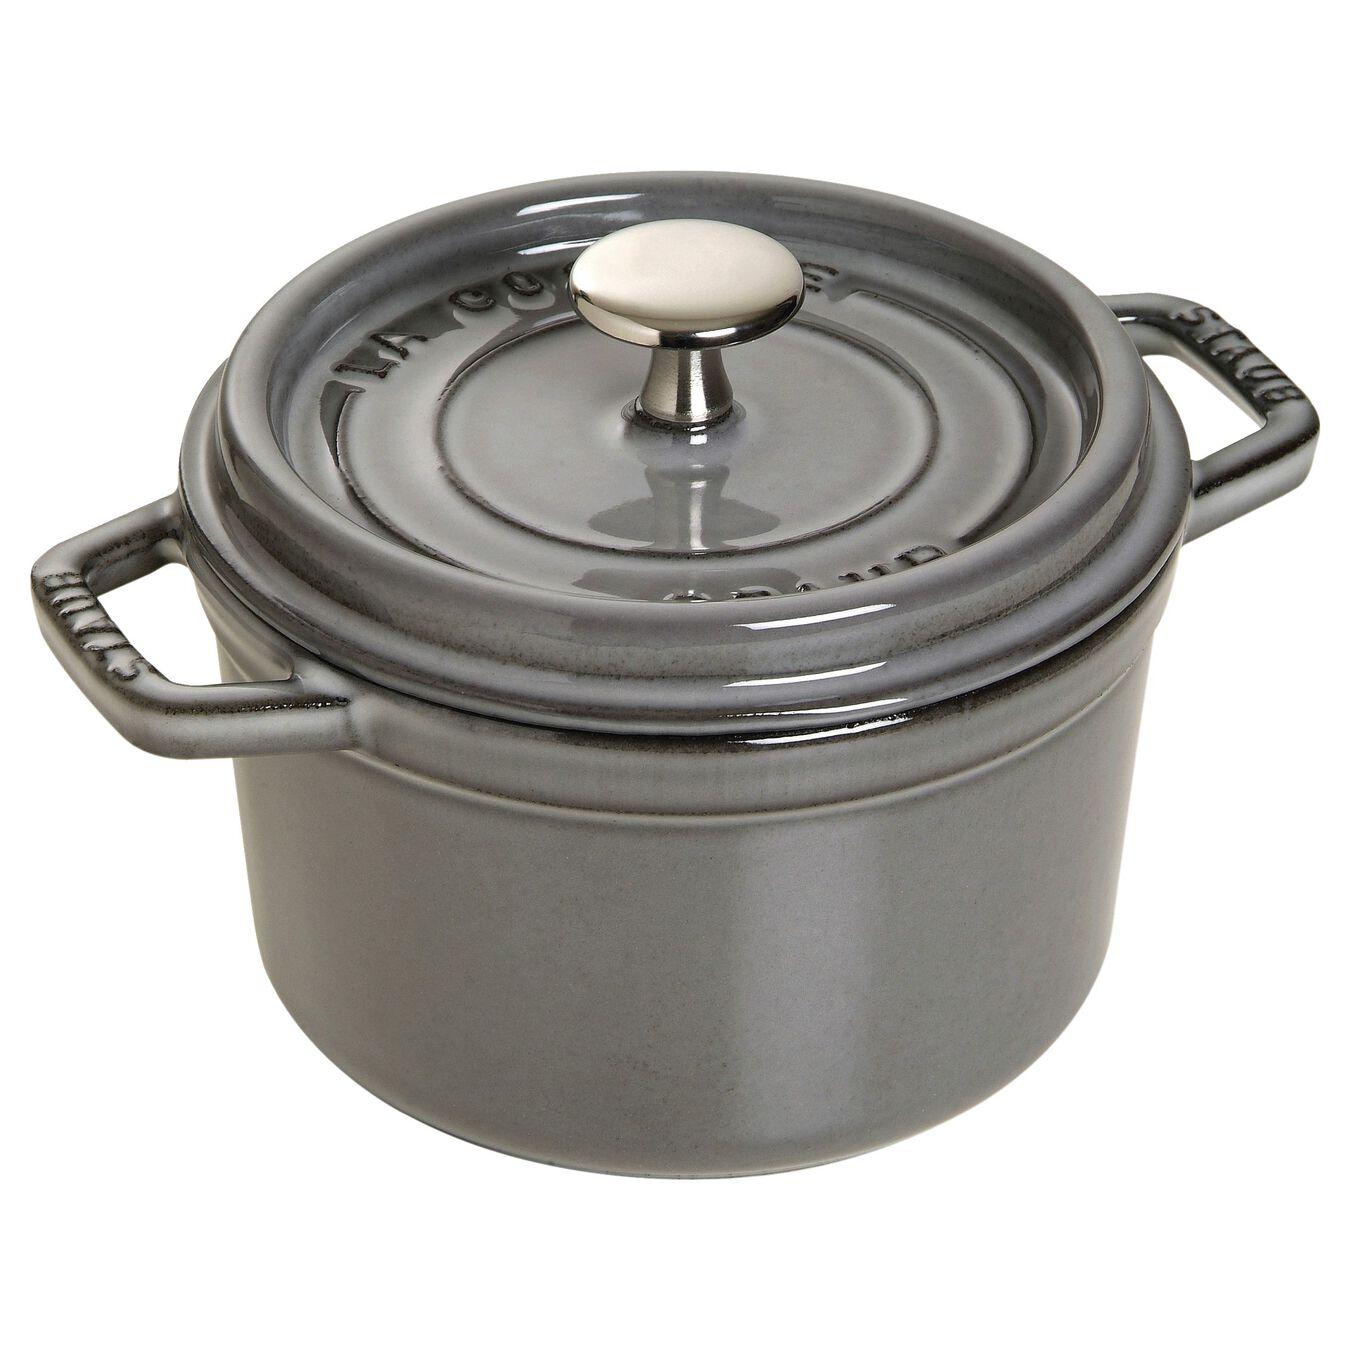 1.25-qt Round Cocotte - Graphite Grey,,large 1